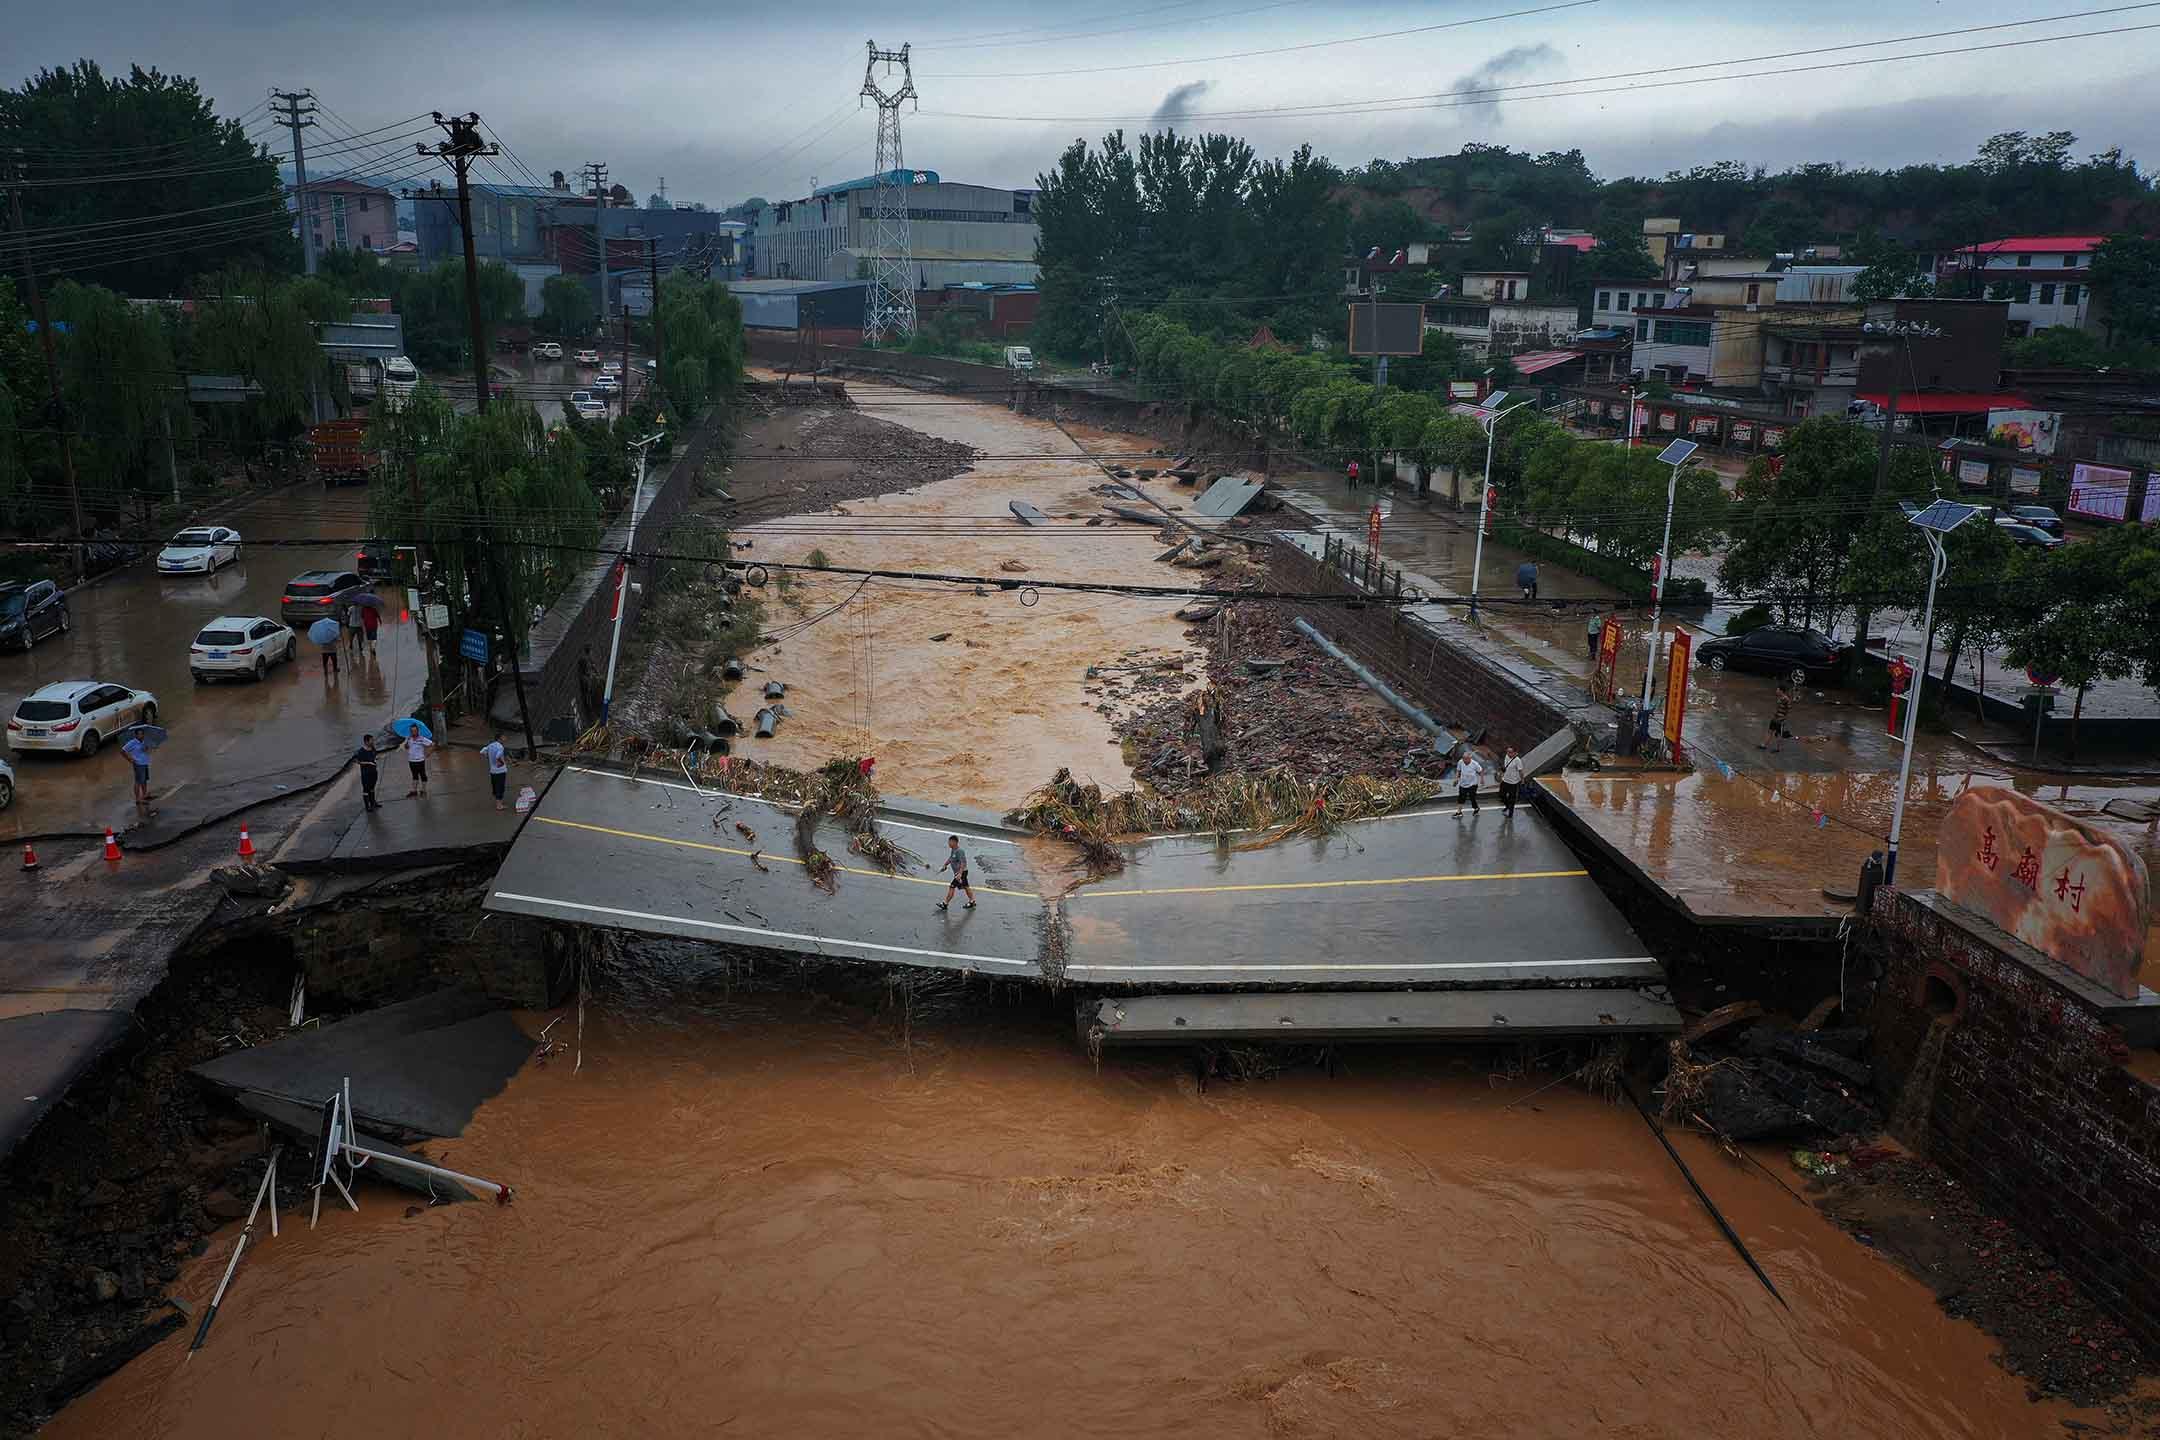 2021年7月21日中國河南省鞏義市,暴雨過後,人們走在受損的橋上。